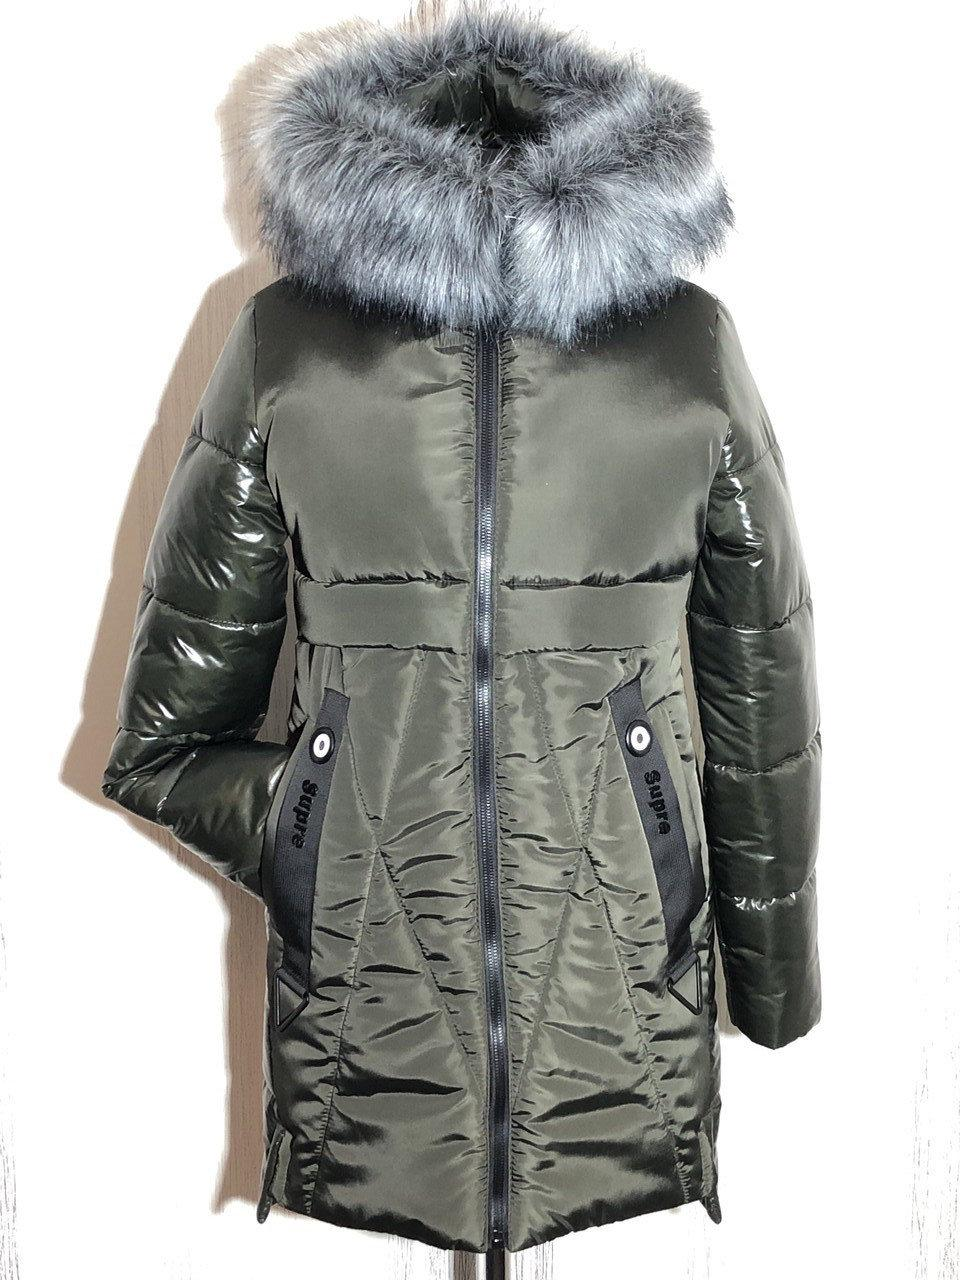 Зимняя женская удлиненная куртка, размеры 46-52